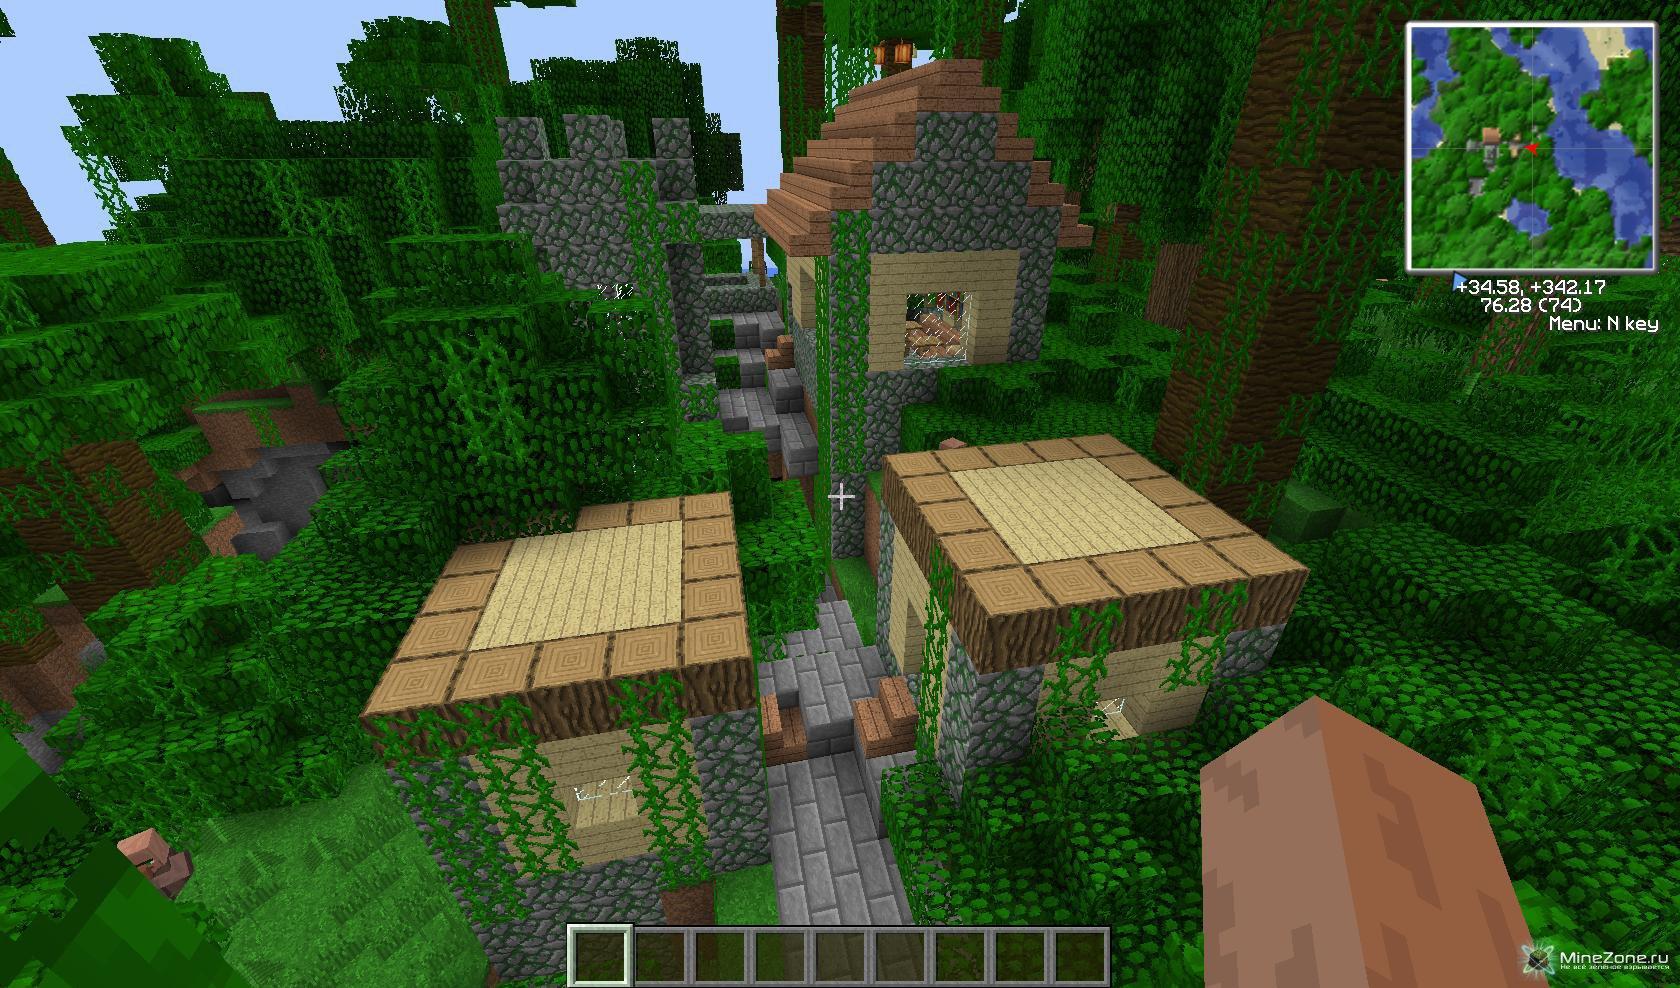 играть майнкрафт бесплатно и чтобы там было море и деревья и поле чтобы там построить дом